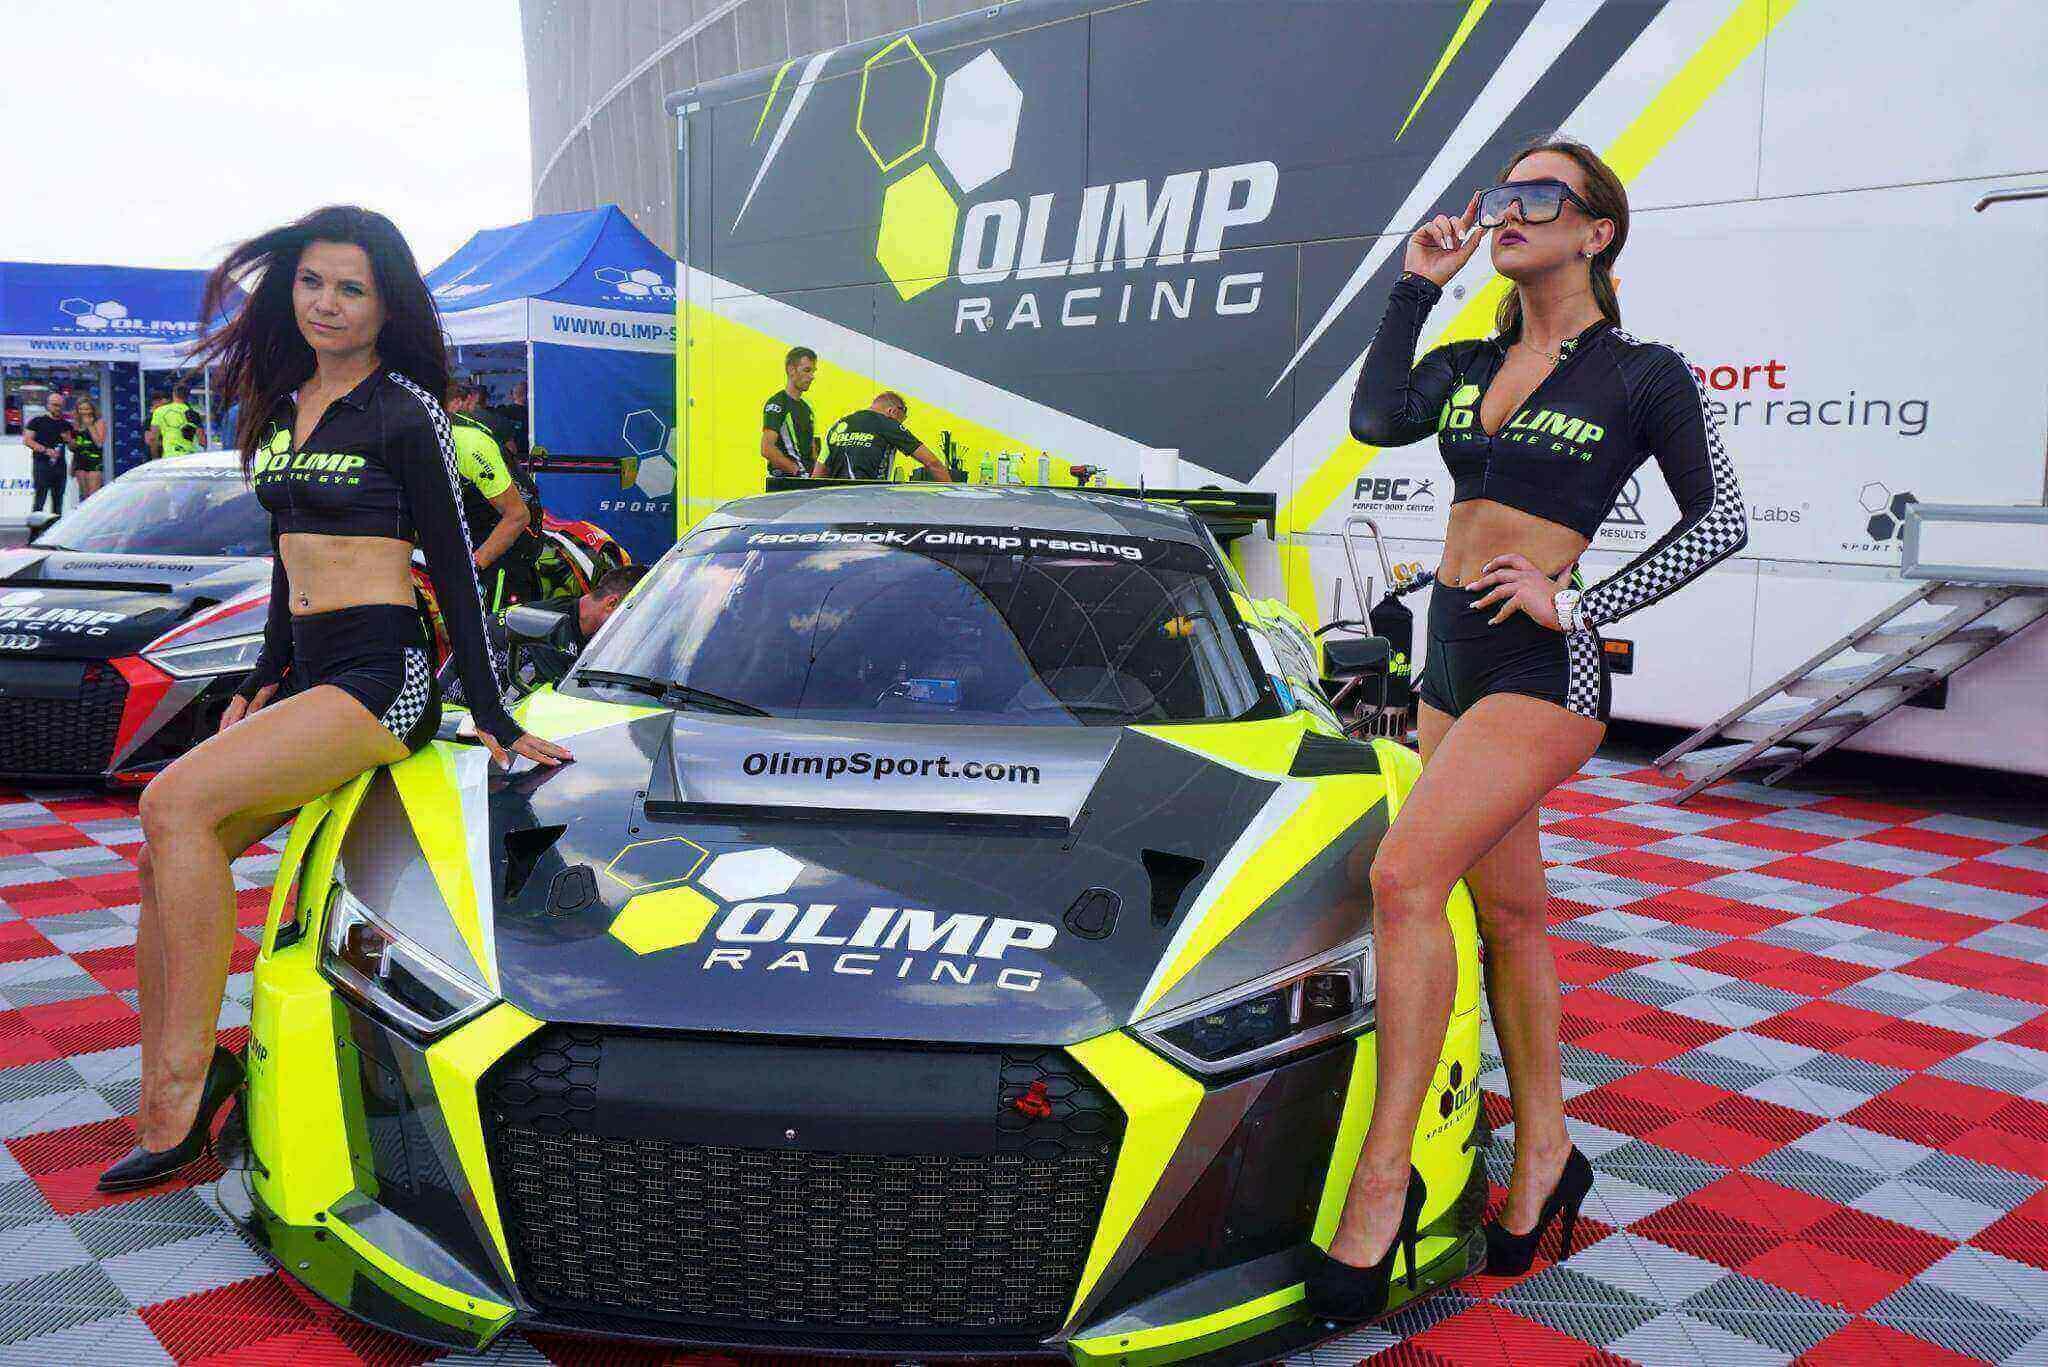 Olimp i szybkie samochody?